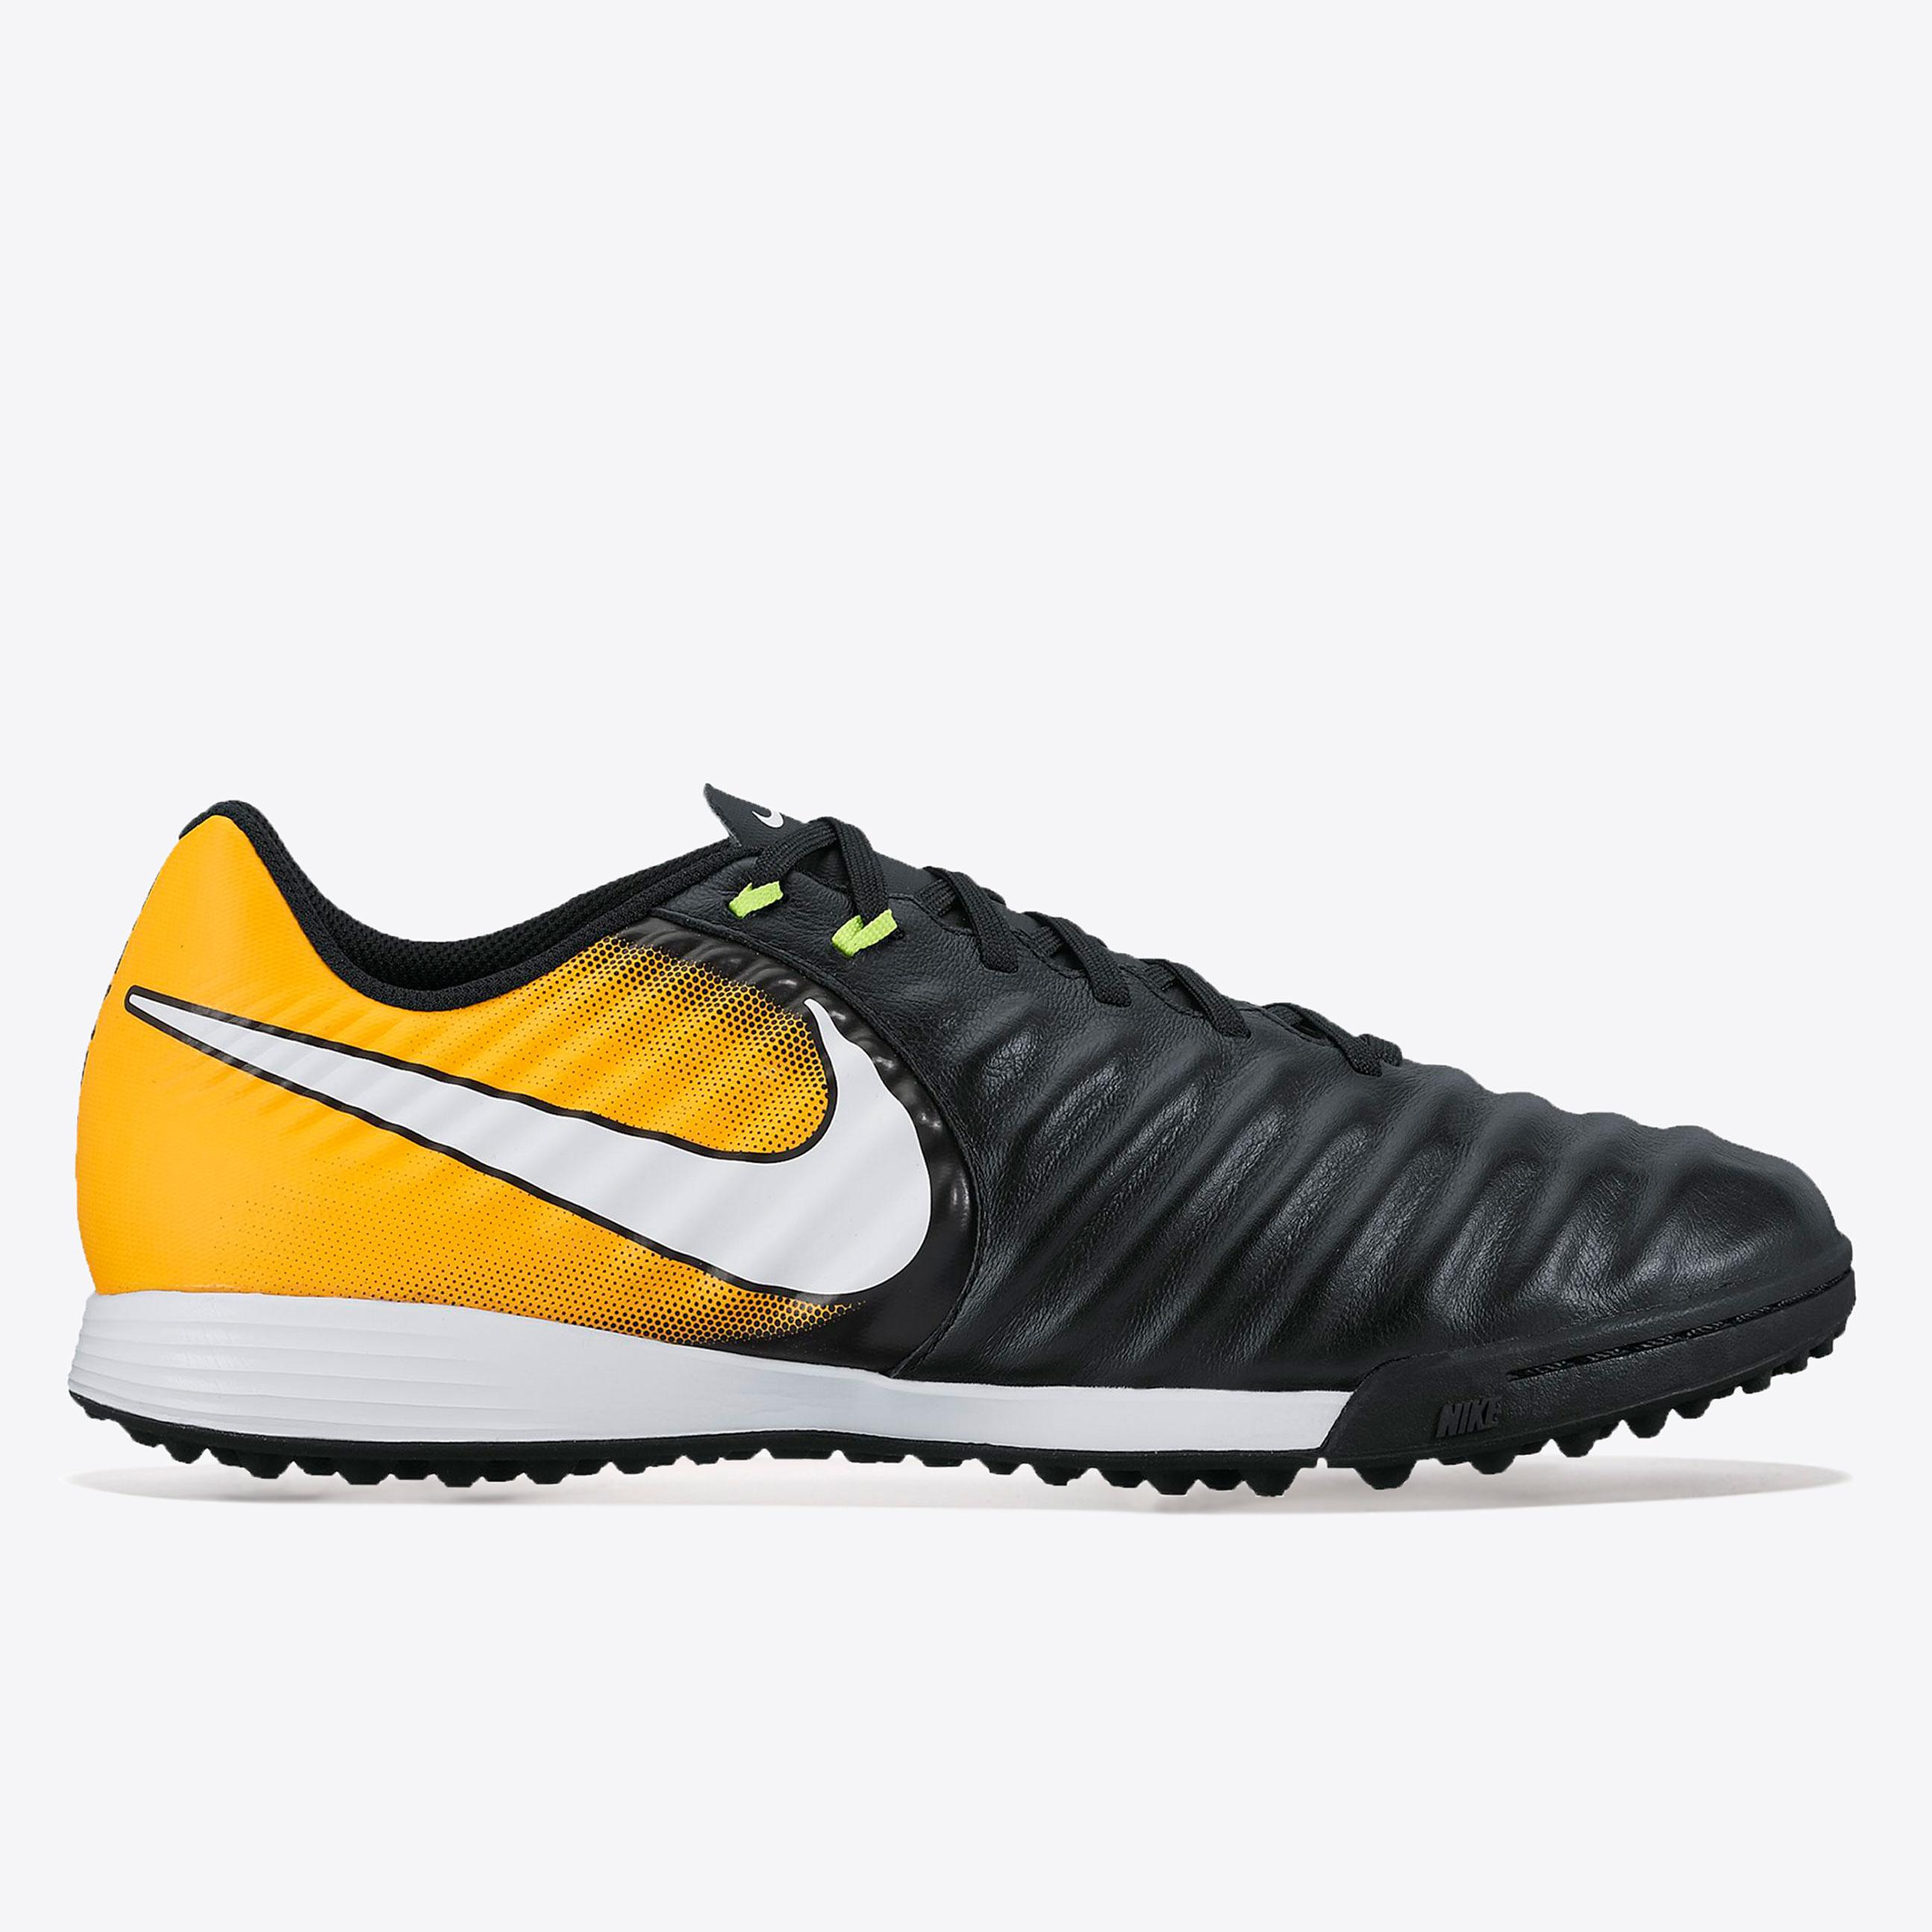 Nike Tiempo Ligera IV Astroturf Trainers - Black/White/Laser Orange/Vo